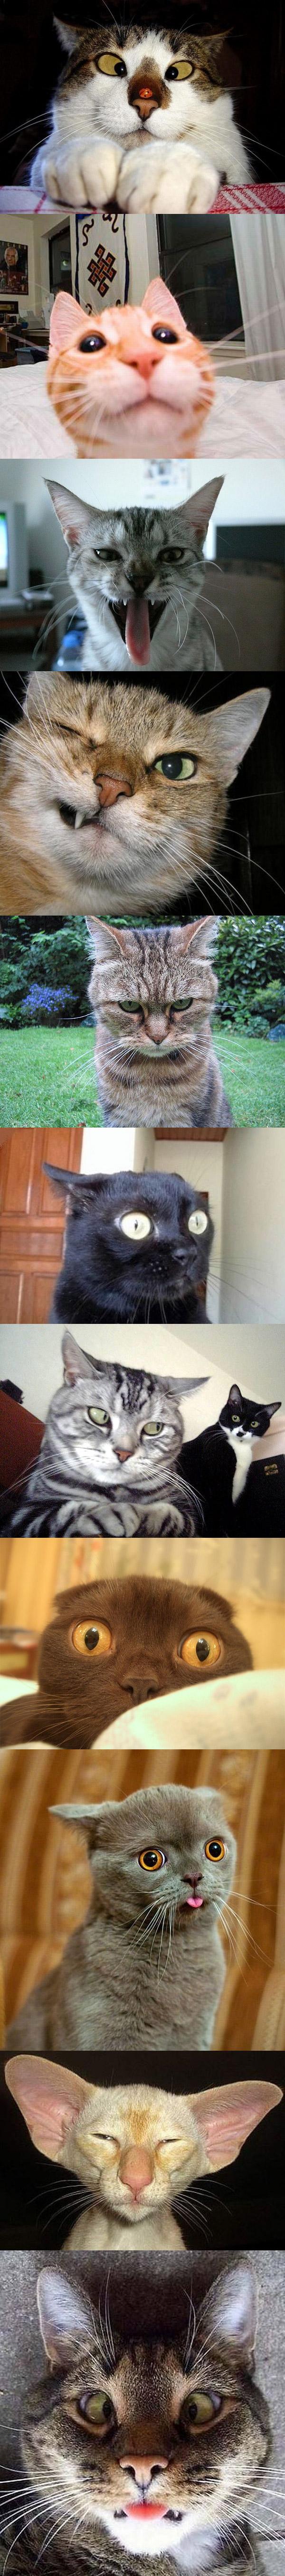 Gatos con caras graciosas